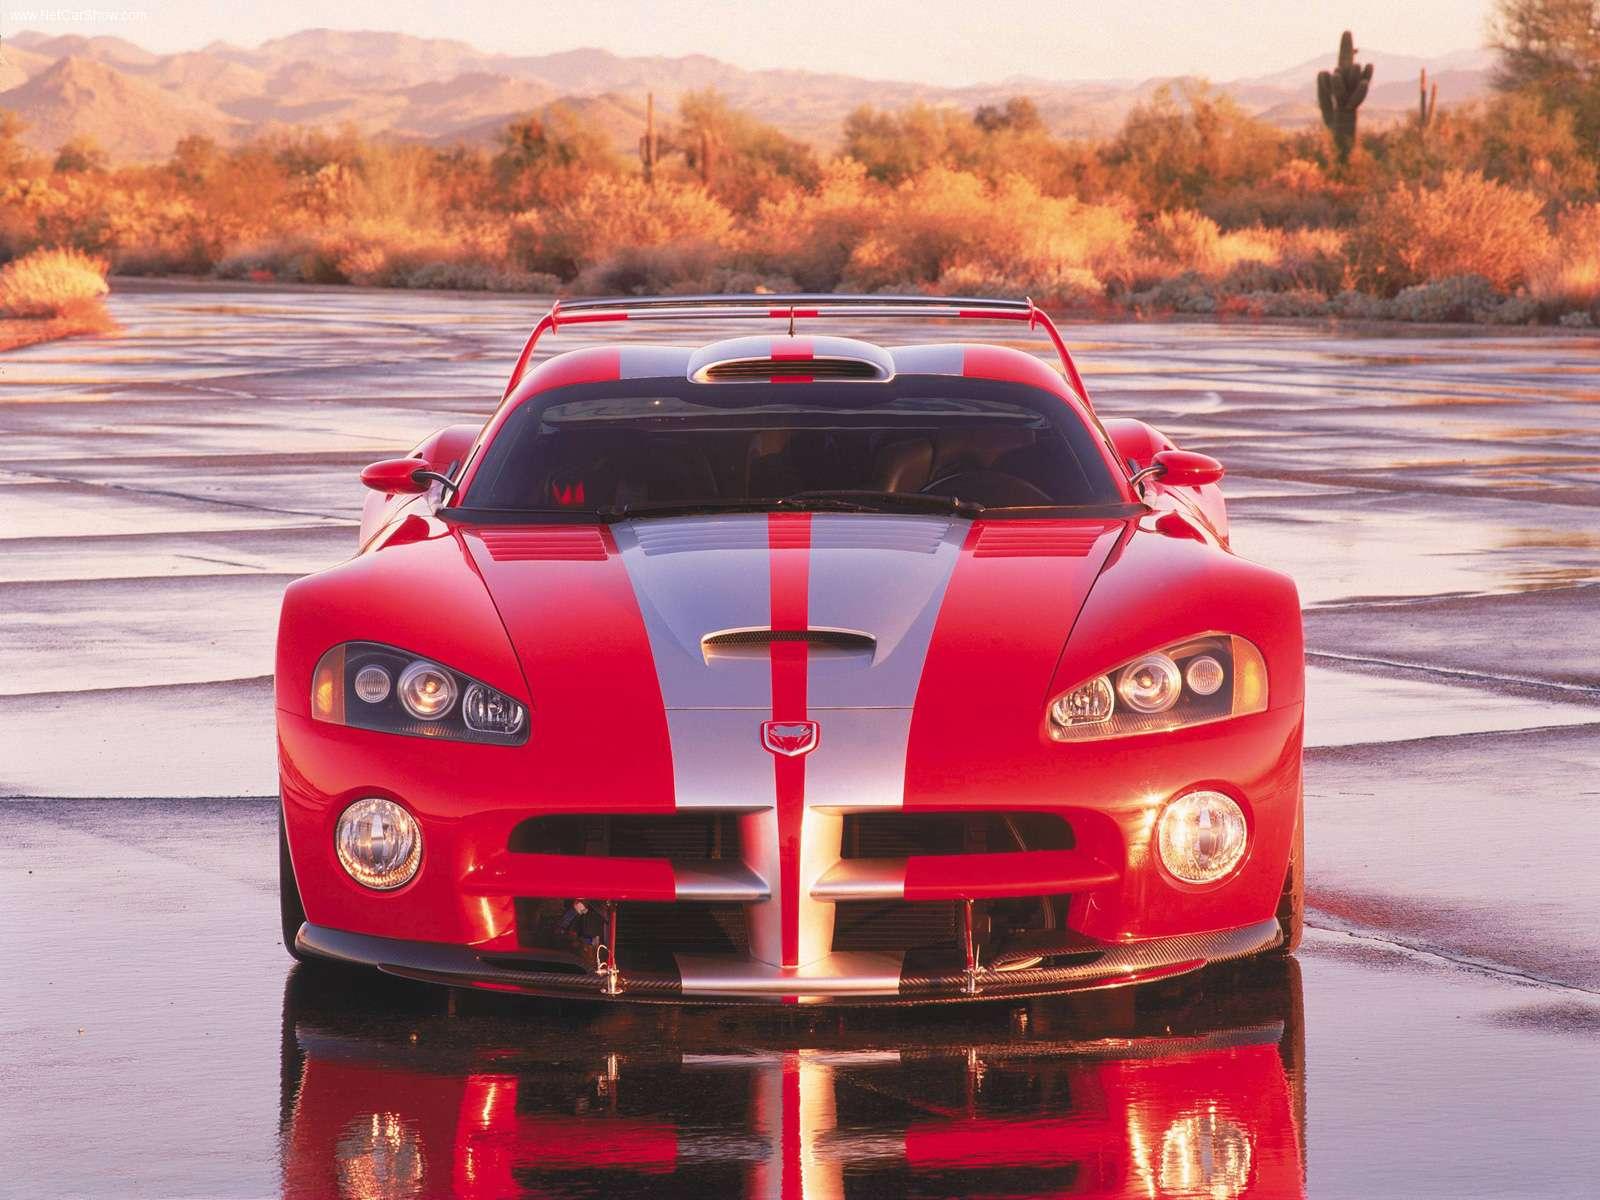 Viper GTS R 1600 X 1200